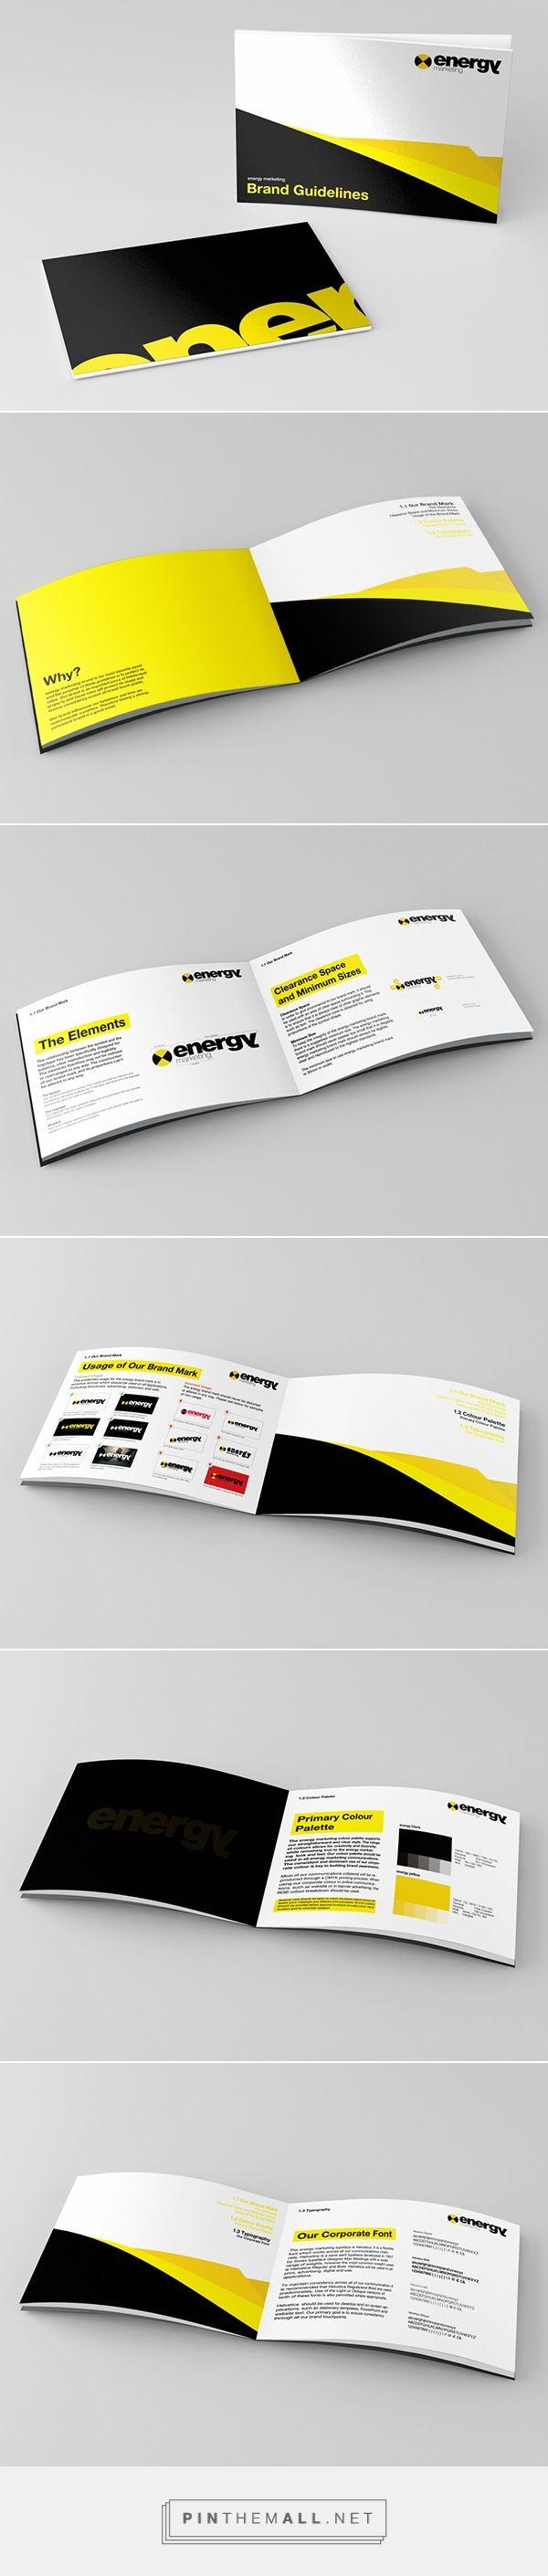 Manual de Identidad Corporativa (maquetación): Energy Marketing Branding by Lukasz KuIakowski